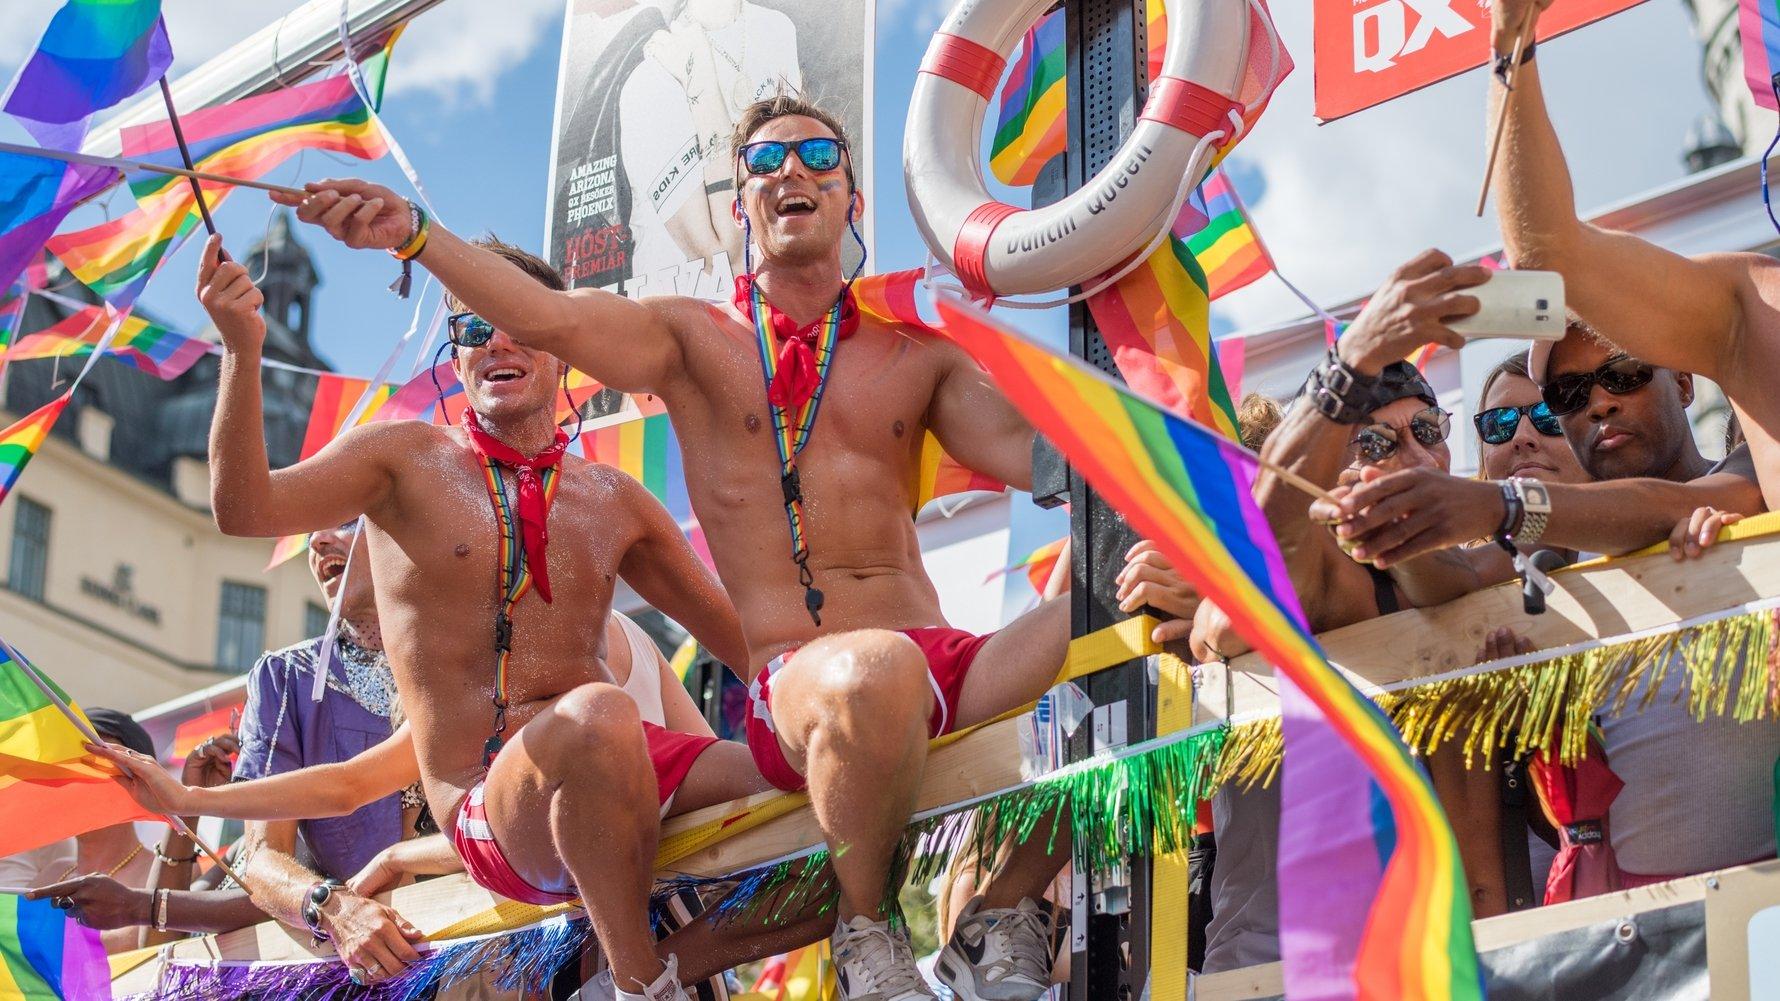 © Rolf_52 Shutterstock.com Stockholm Pride Parade